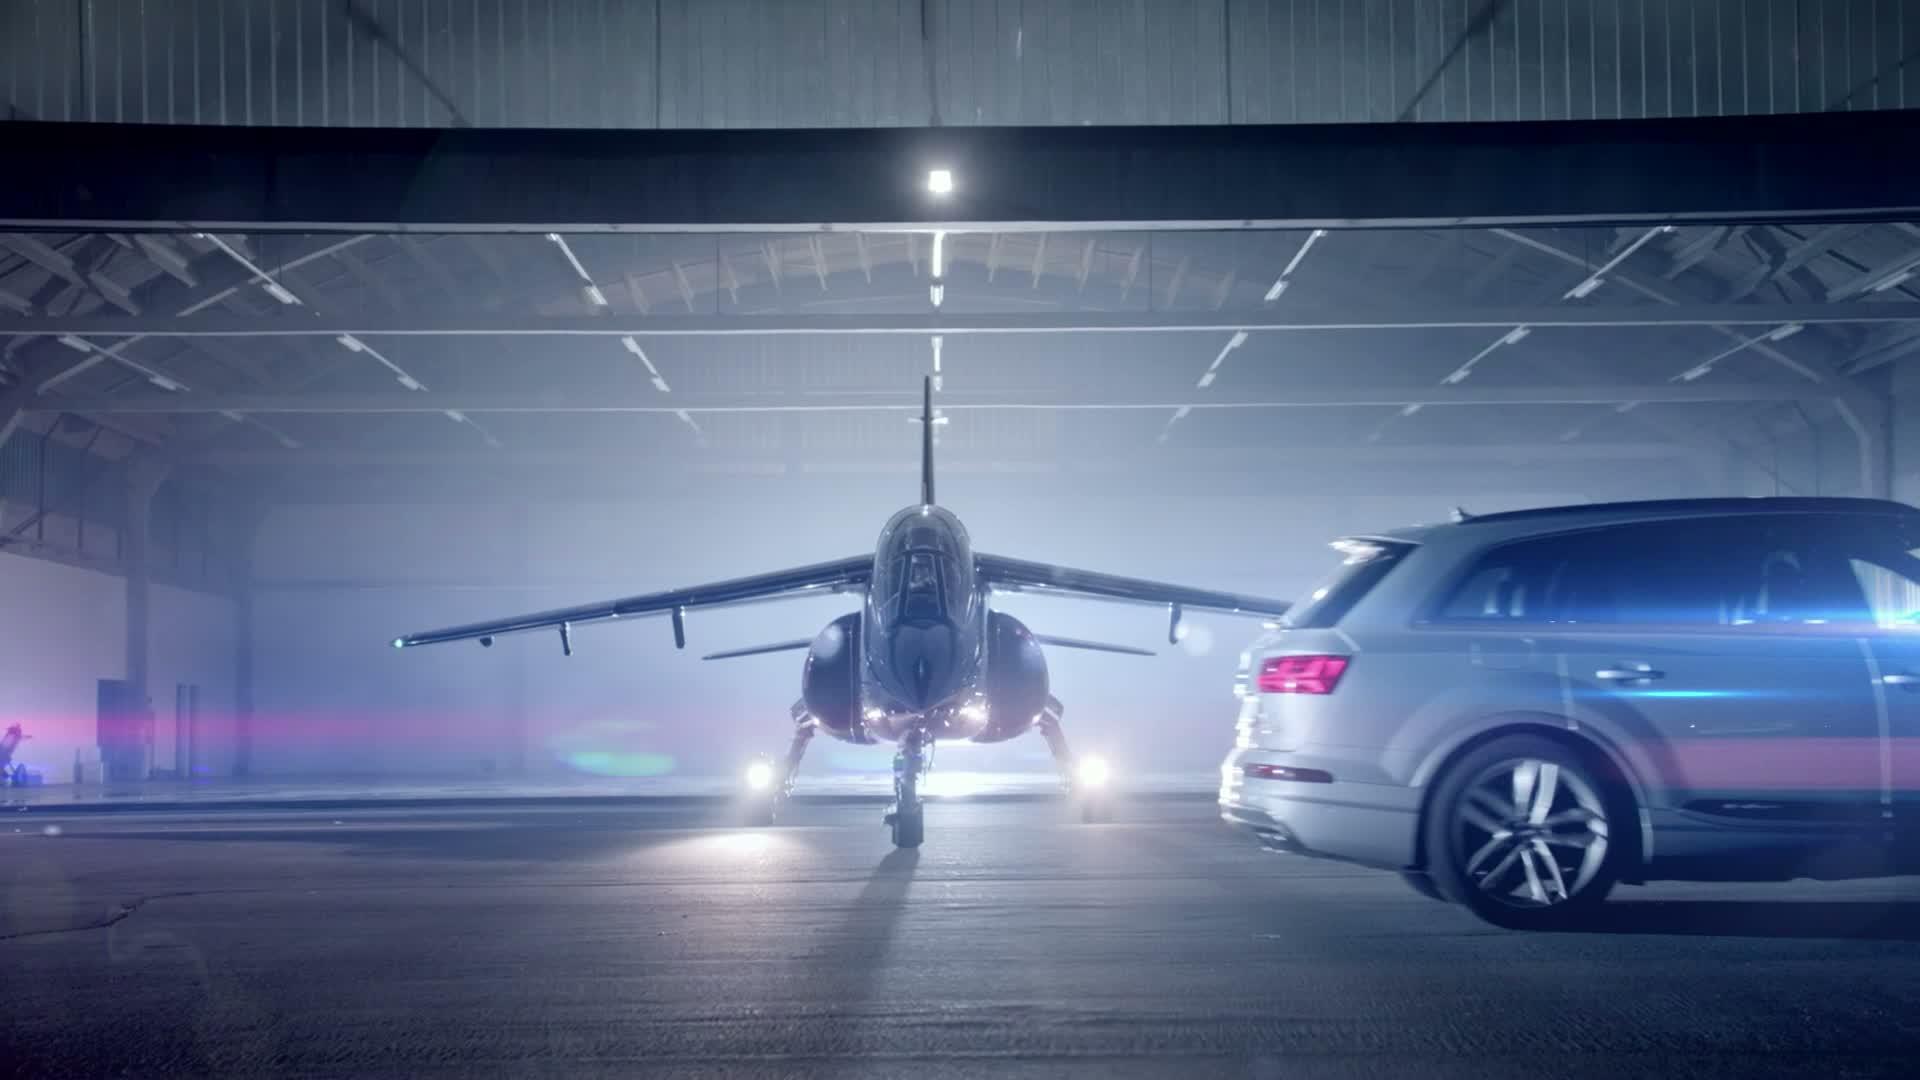 Der Audi SQ7 TDI im Duell gegen einen Alpha Jet